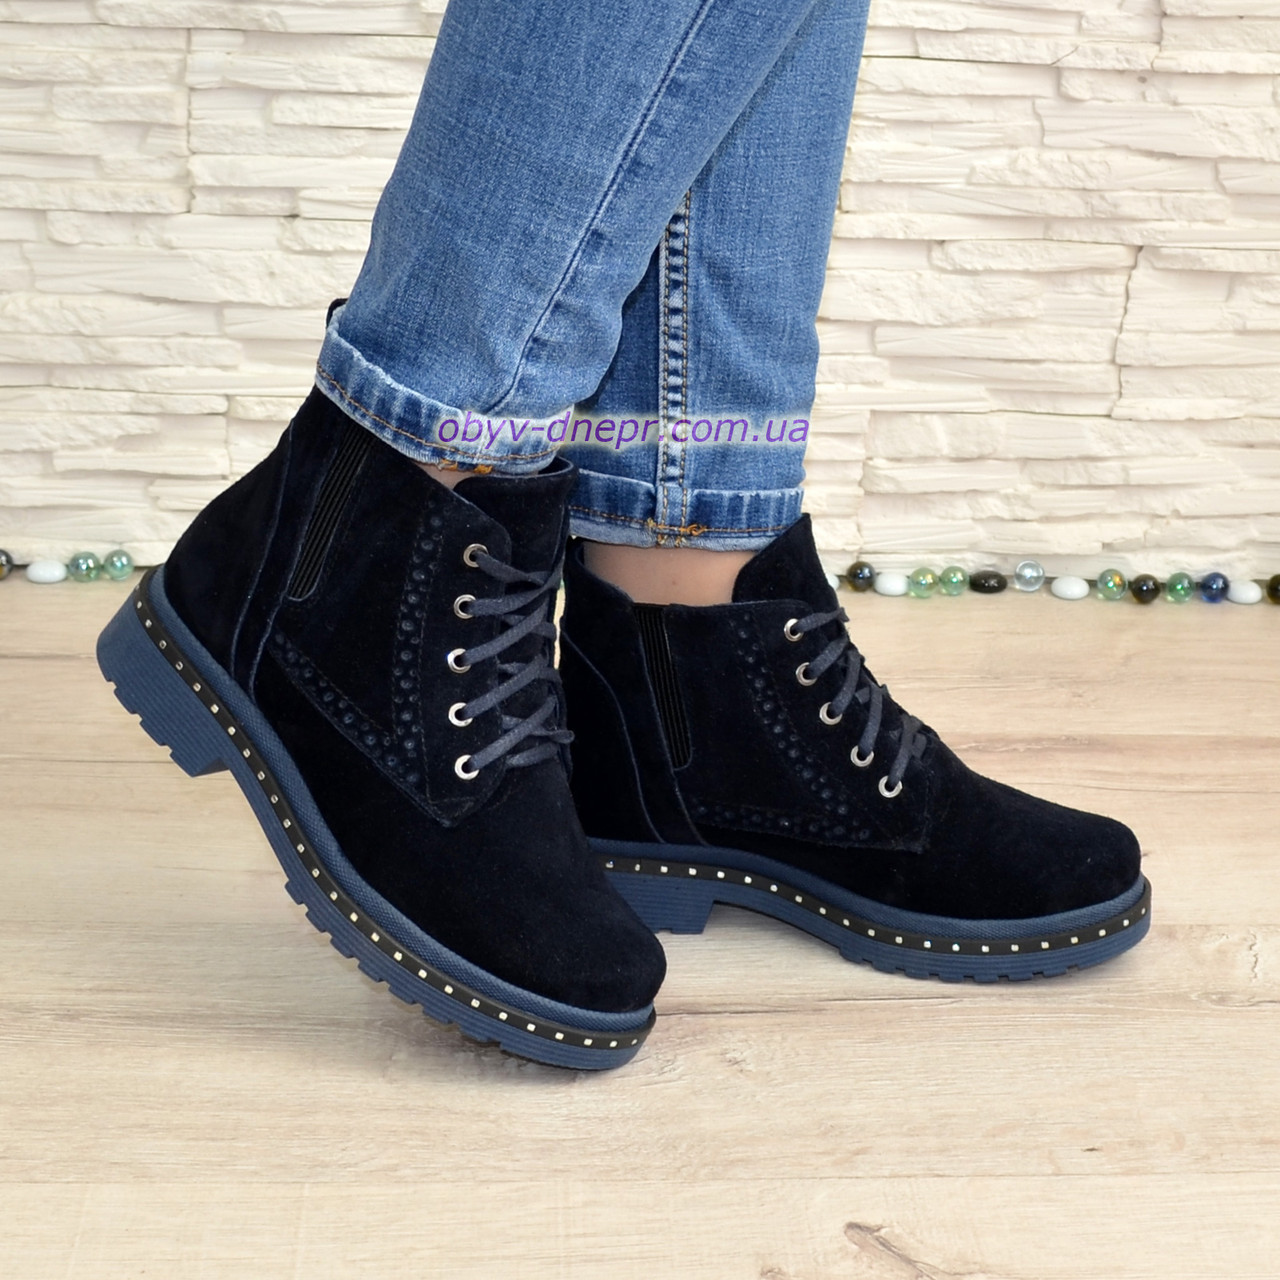 Черевики жіночі на маленькому каблуці, на шнурках